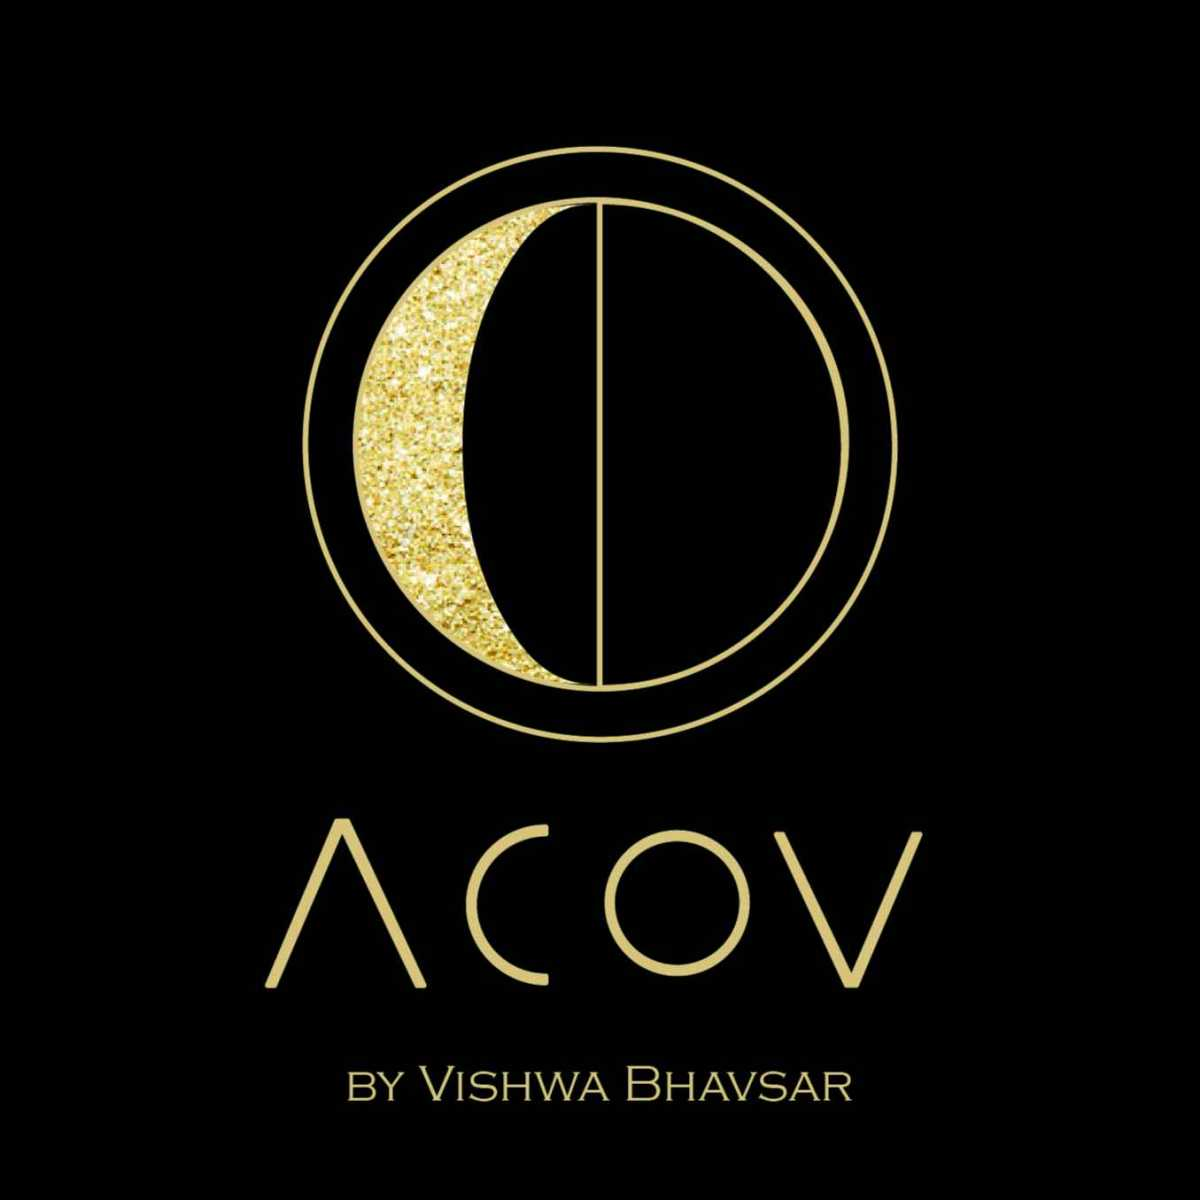 Vishwa Bhavsar